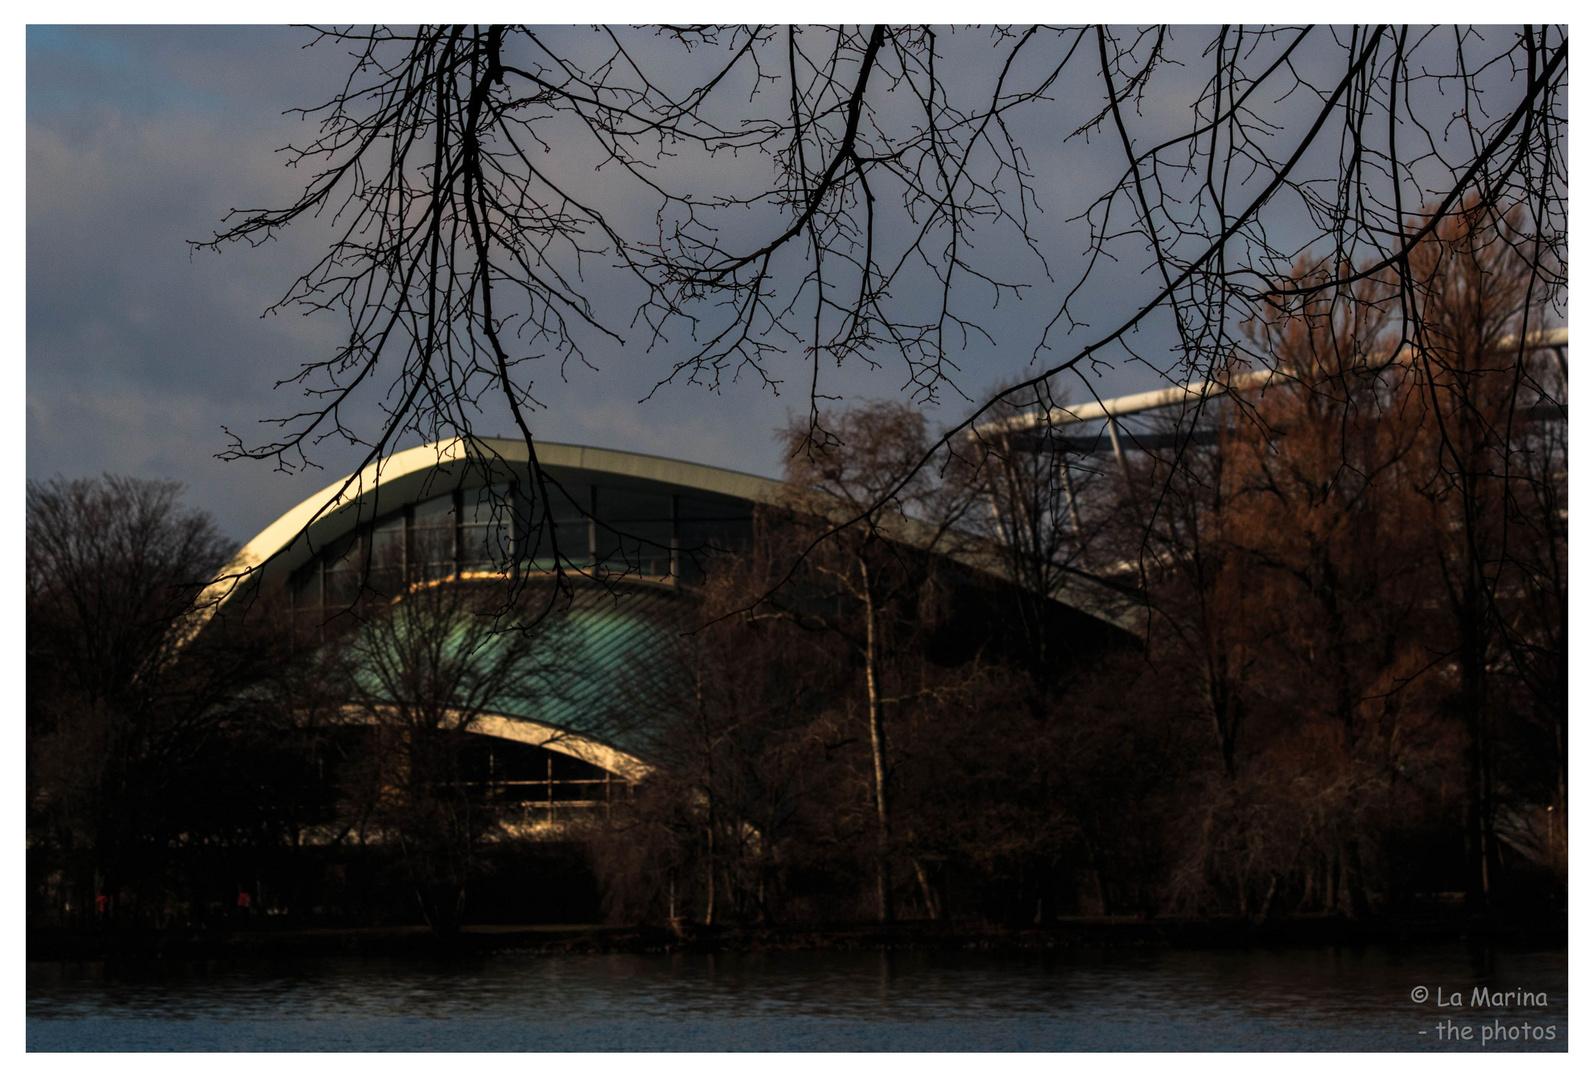 Das schwimmbad foto bild architektur stadtlandschaft - Schwimmbad architektur ...